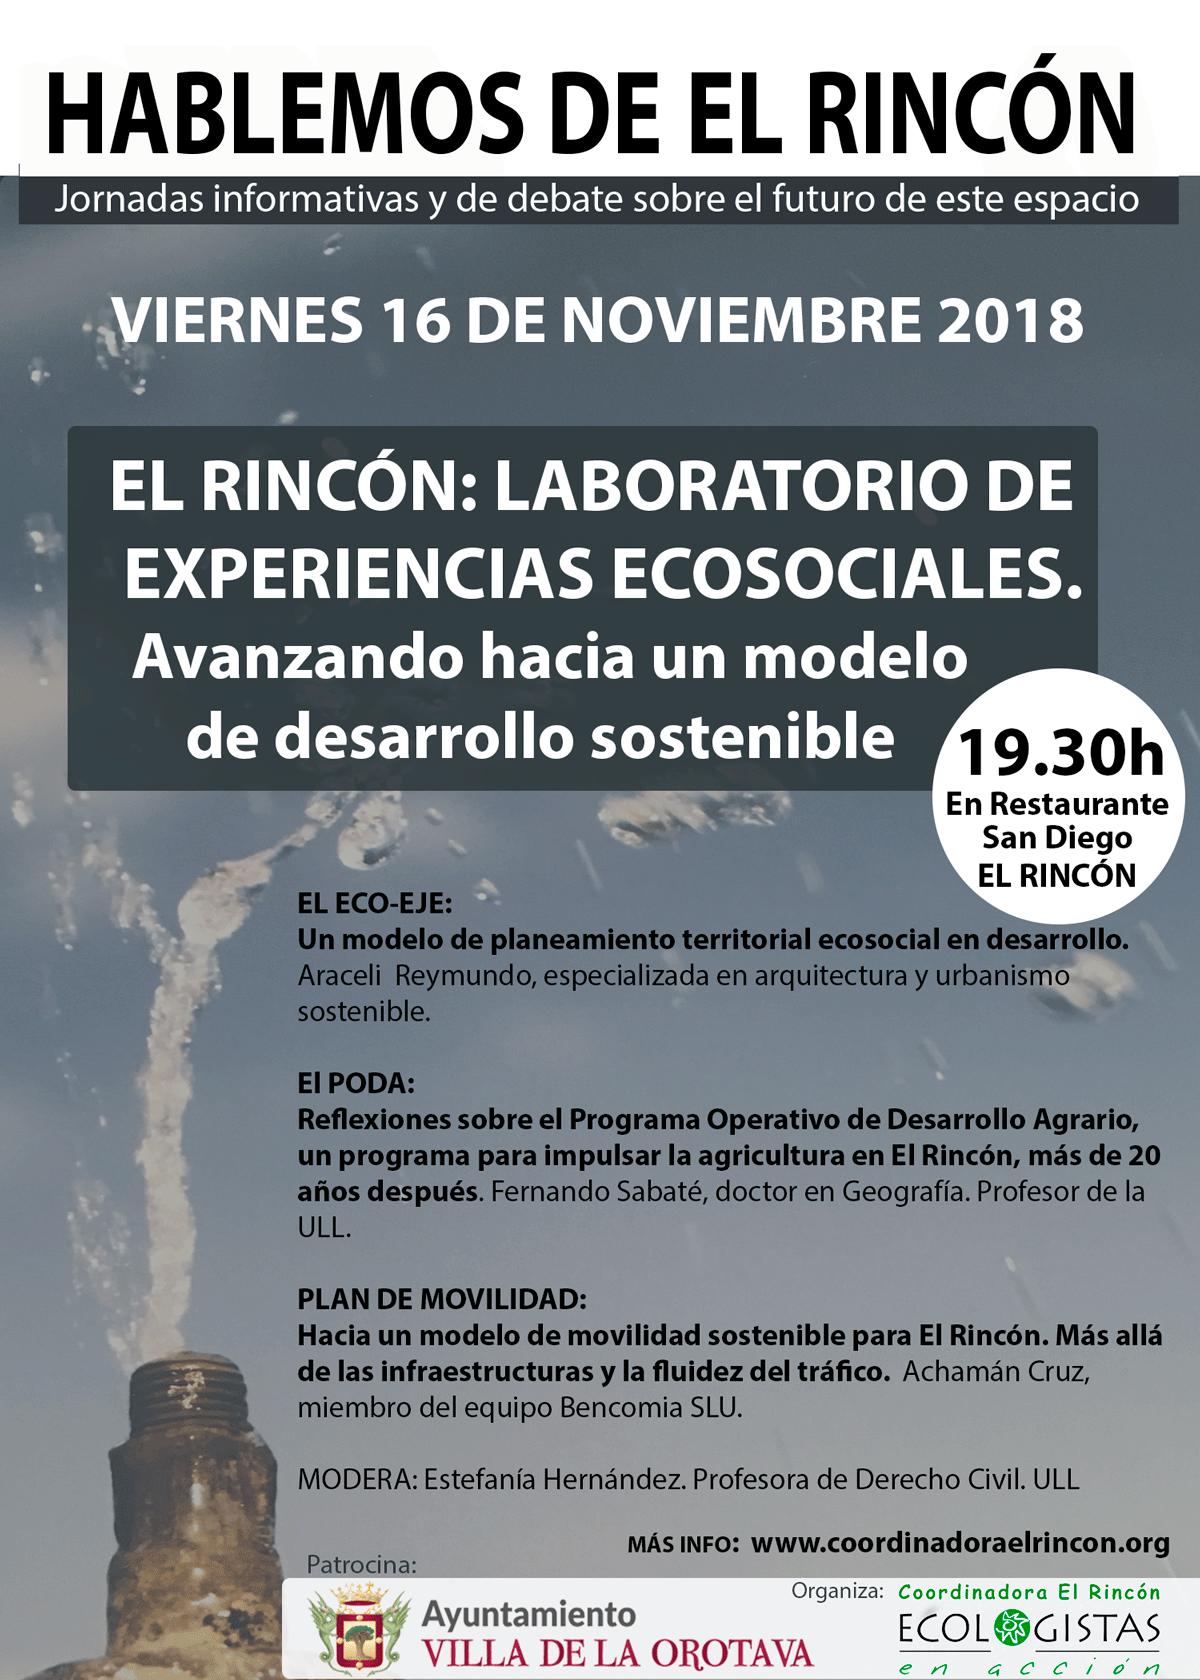 EL RINCÓN: LABORATORIO DE EXPERIENCIAS ECOSOCIALES